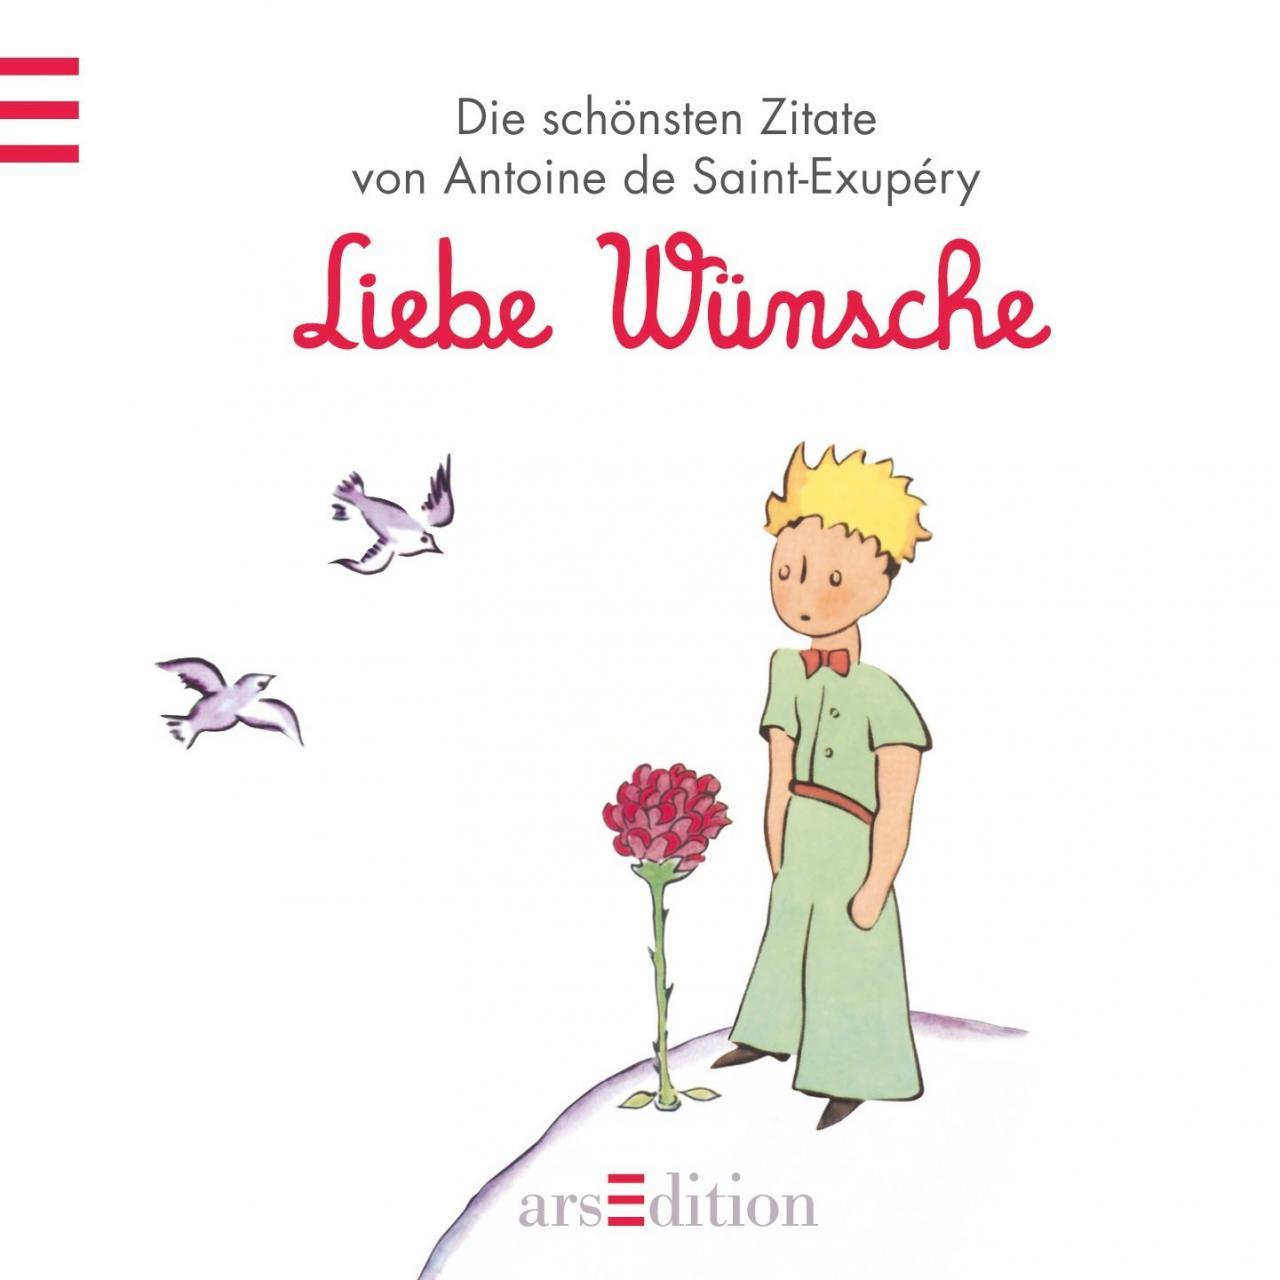 Liebe Wunsche Der Kleine Prinz Schonsten Zitate Von Antoine De Saint Exupery Kleiner Prinz Minibucher Amazon De Antoine De Saint Exupery Bucher